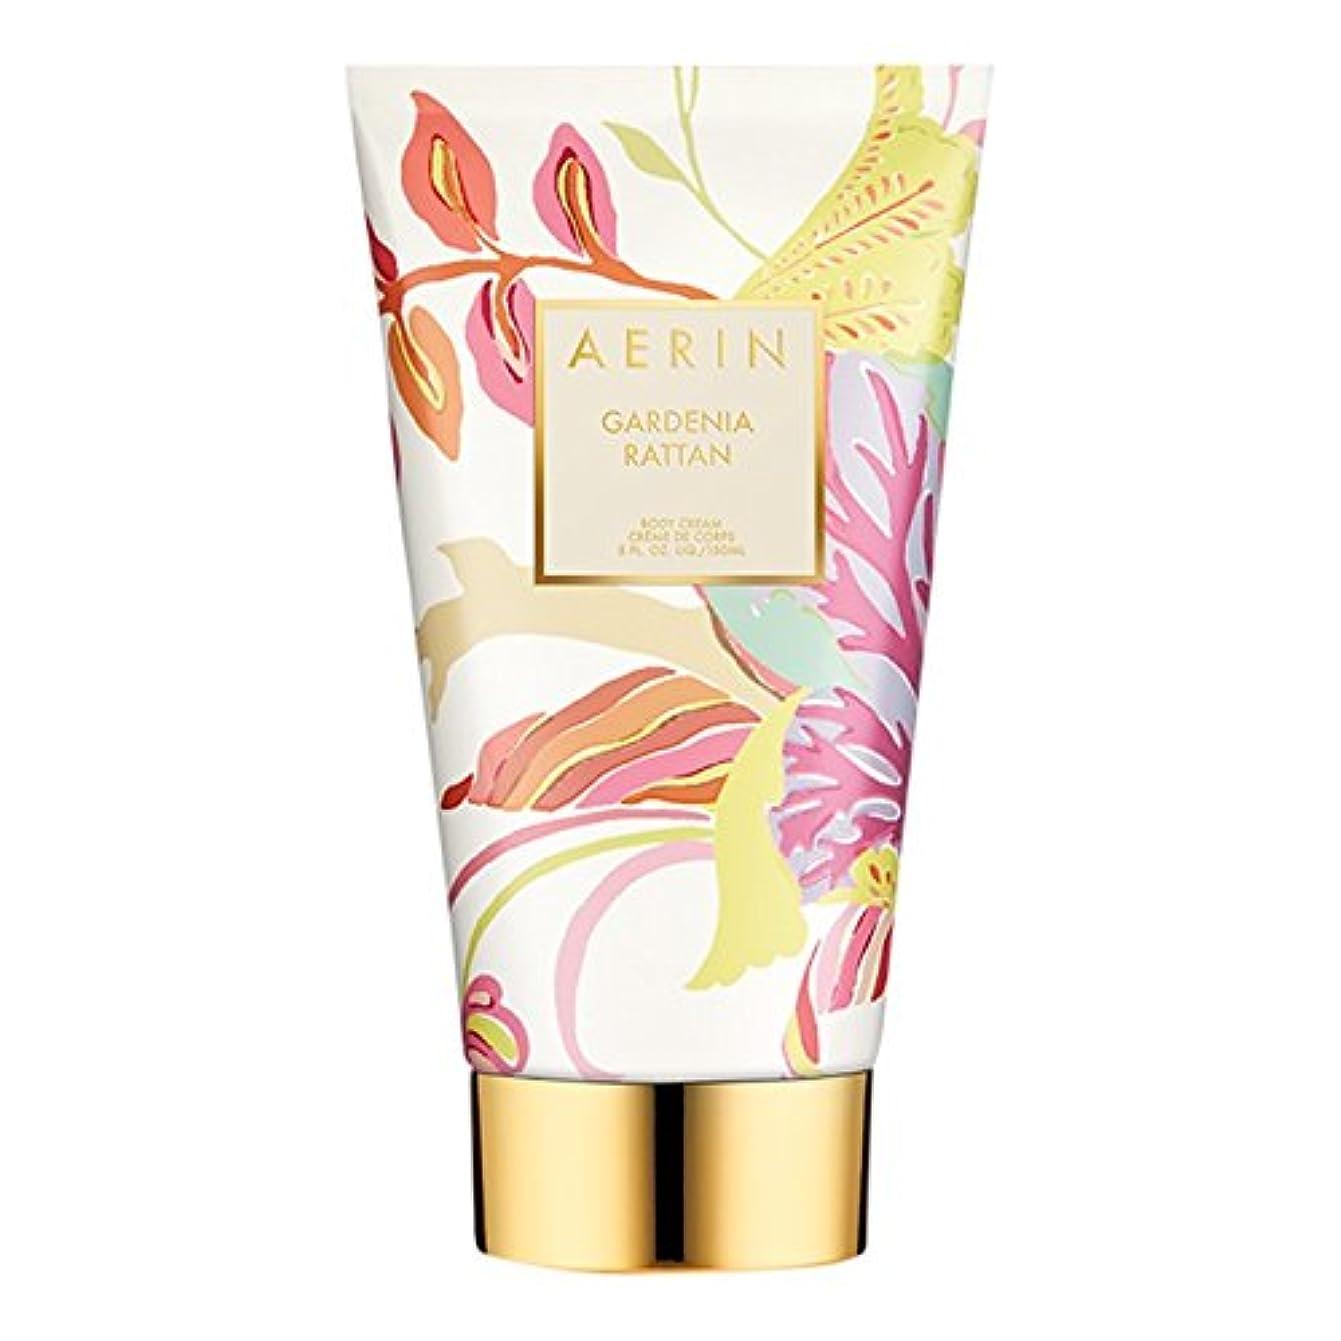 石膏プログレッシブコインランドリーAerinクチナシ籐ボディクリーム150ミリリットル (AERIN) (x6) - AERIN Gardenia Rattan Body Cream 150ml (Pack of 6) [並行輸入品]